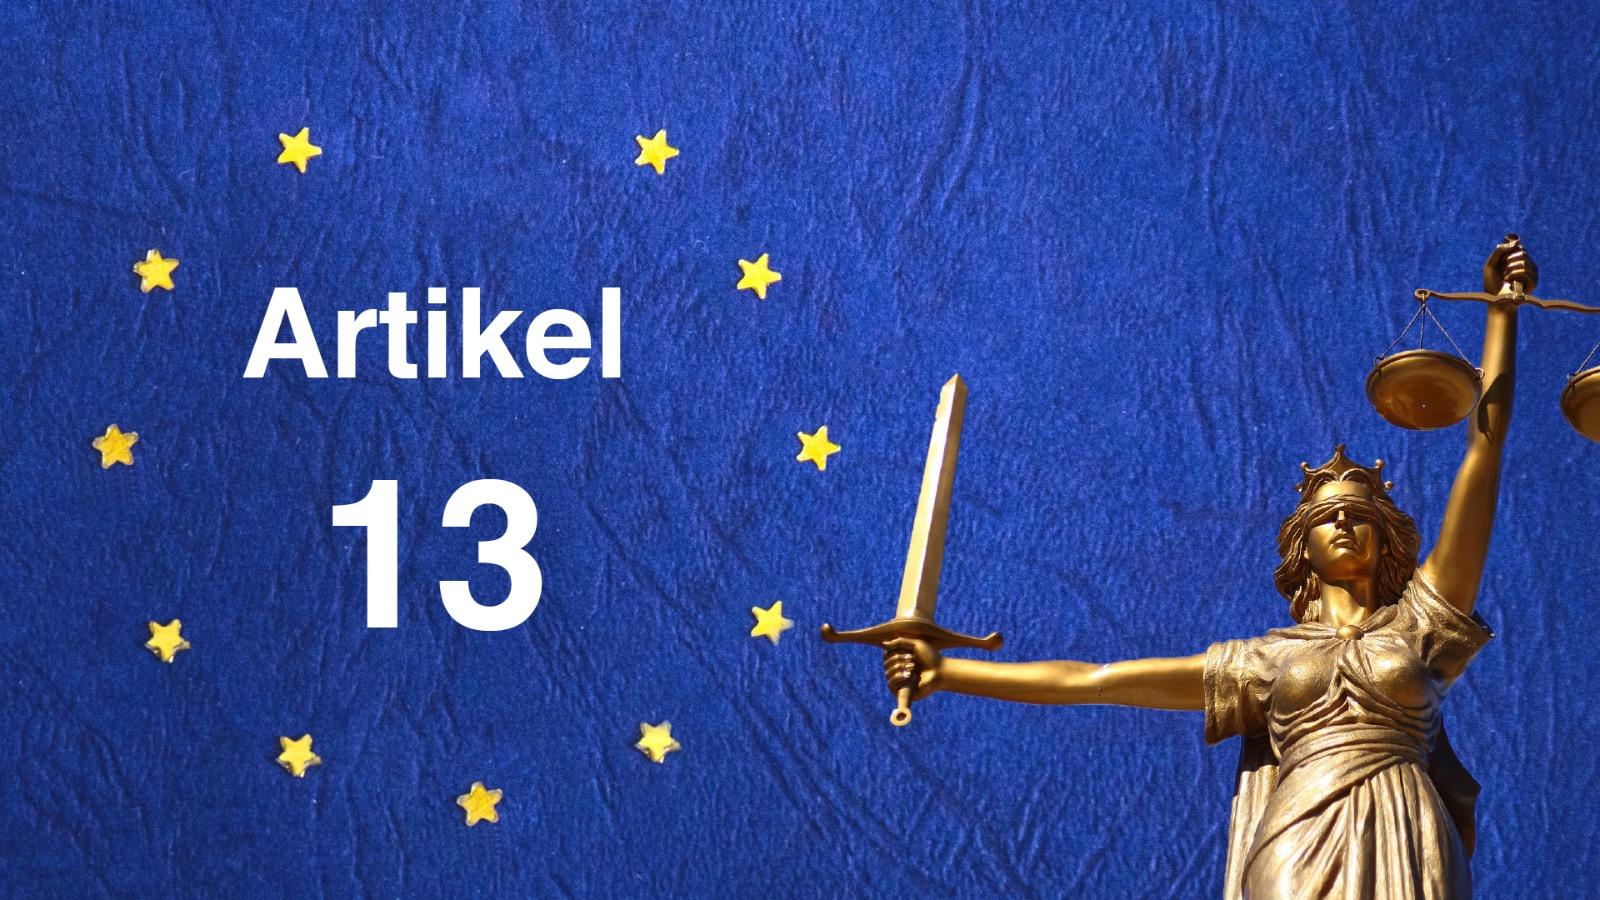 Europa Artikel 13